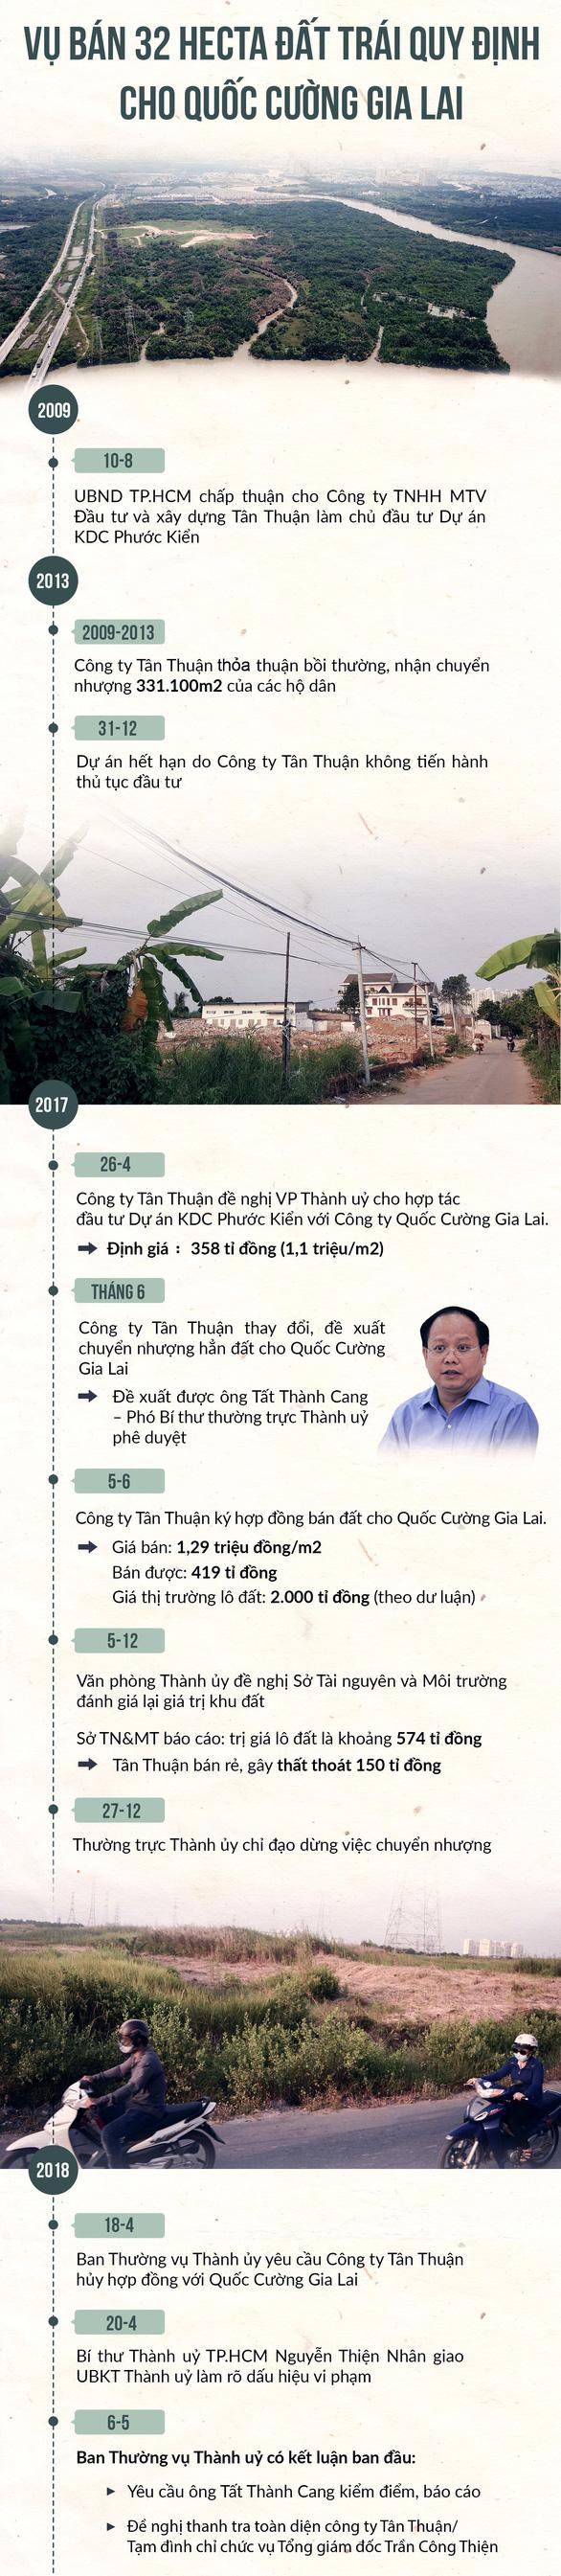 Đề xuất kỷ luật Phó bí thư thường trực Thành ủy TP.HCM Tất Thành Cang - Ảnh 2.